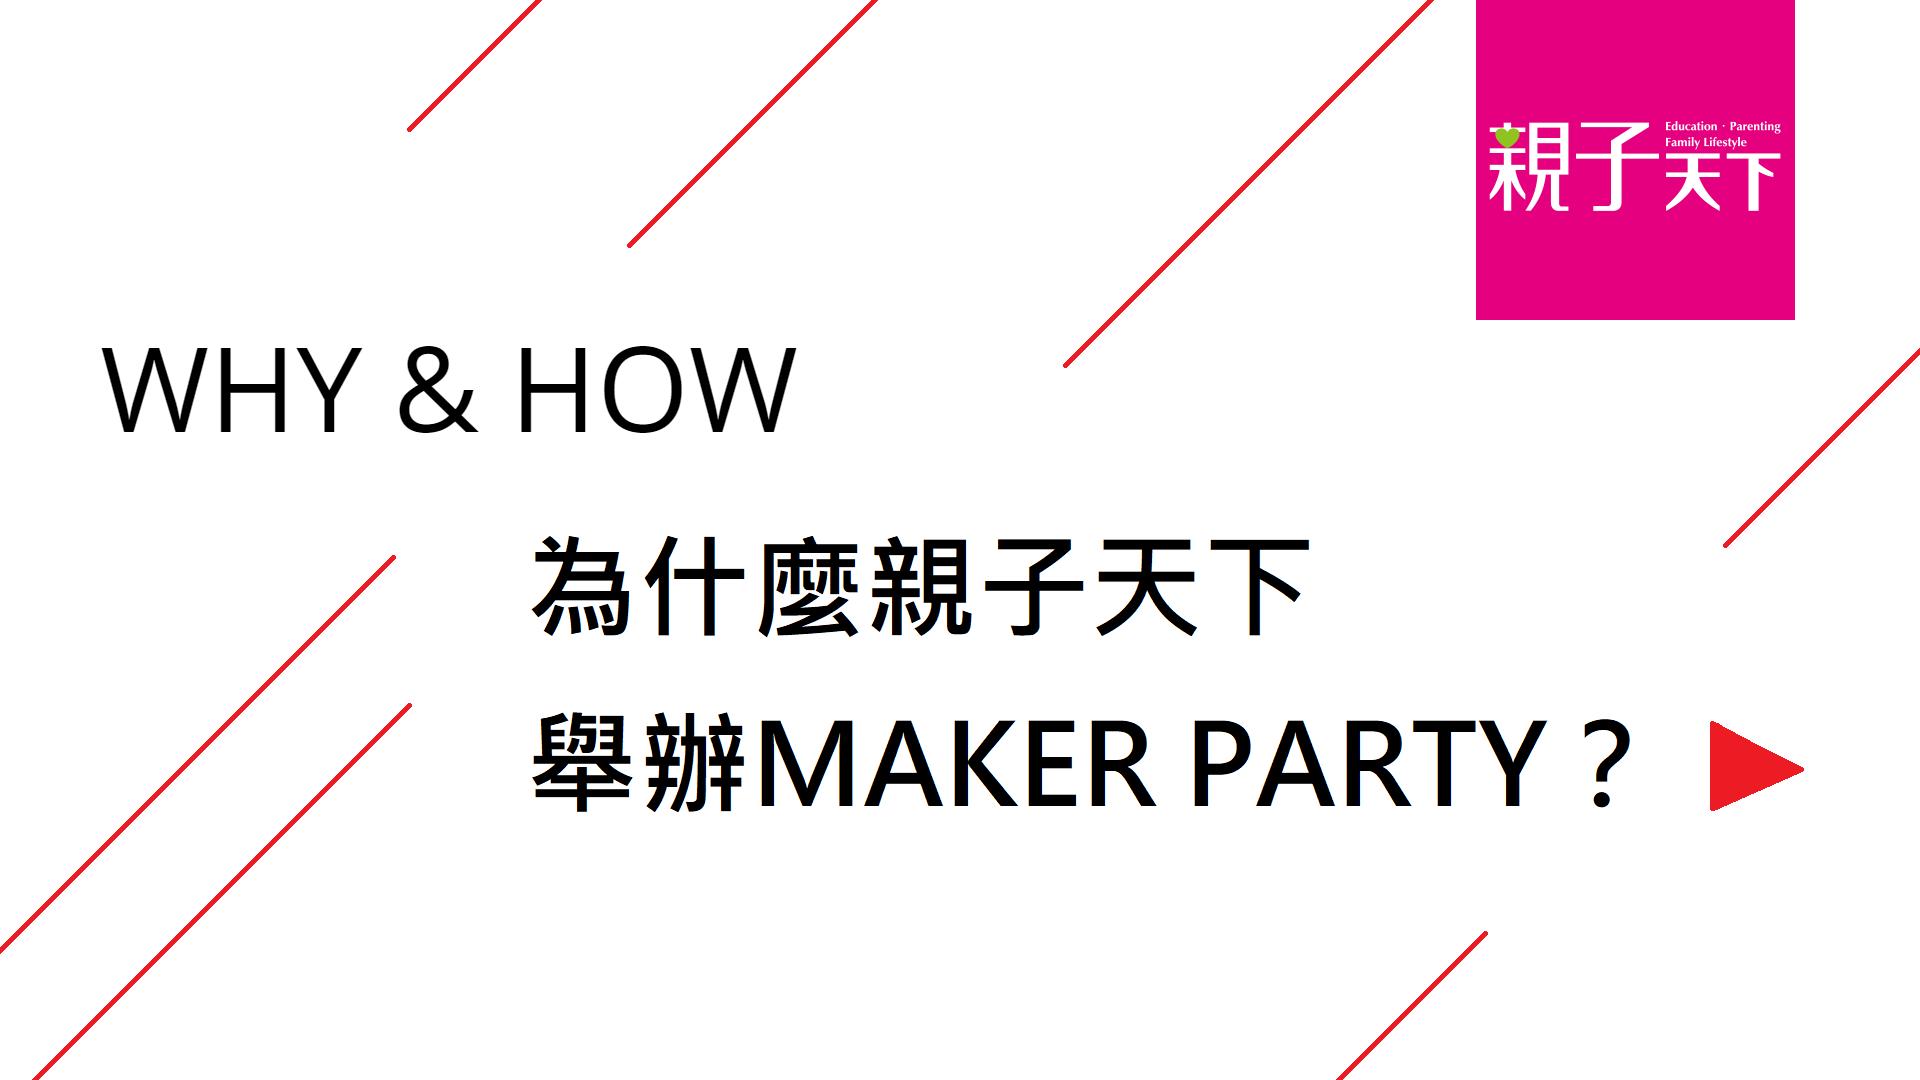 為什麼我們舉辦MAKER PARTY這個活動?